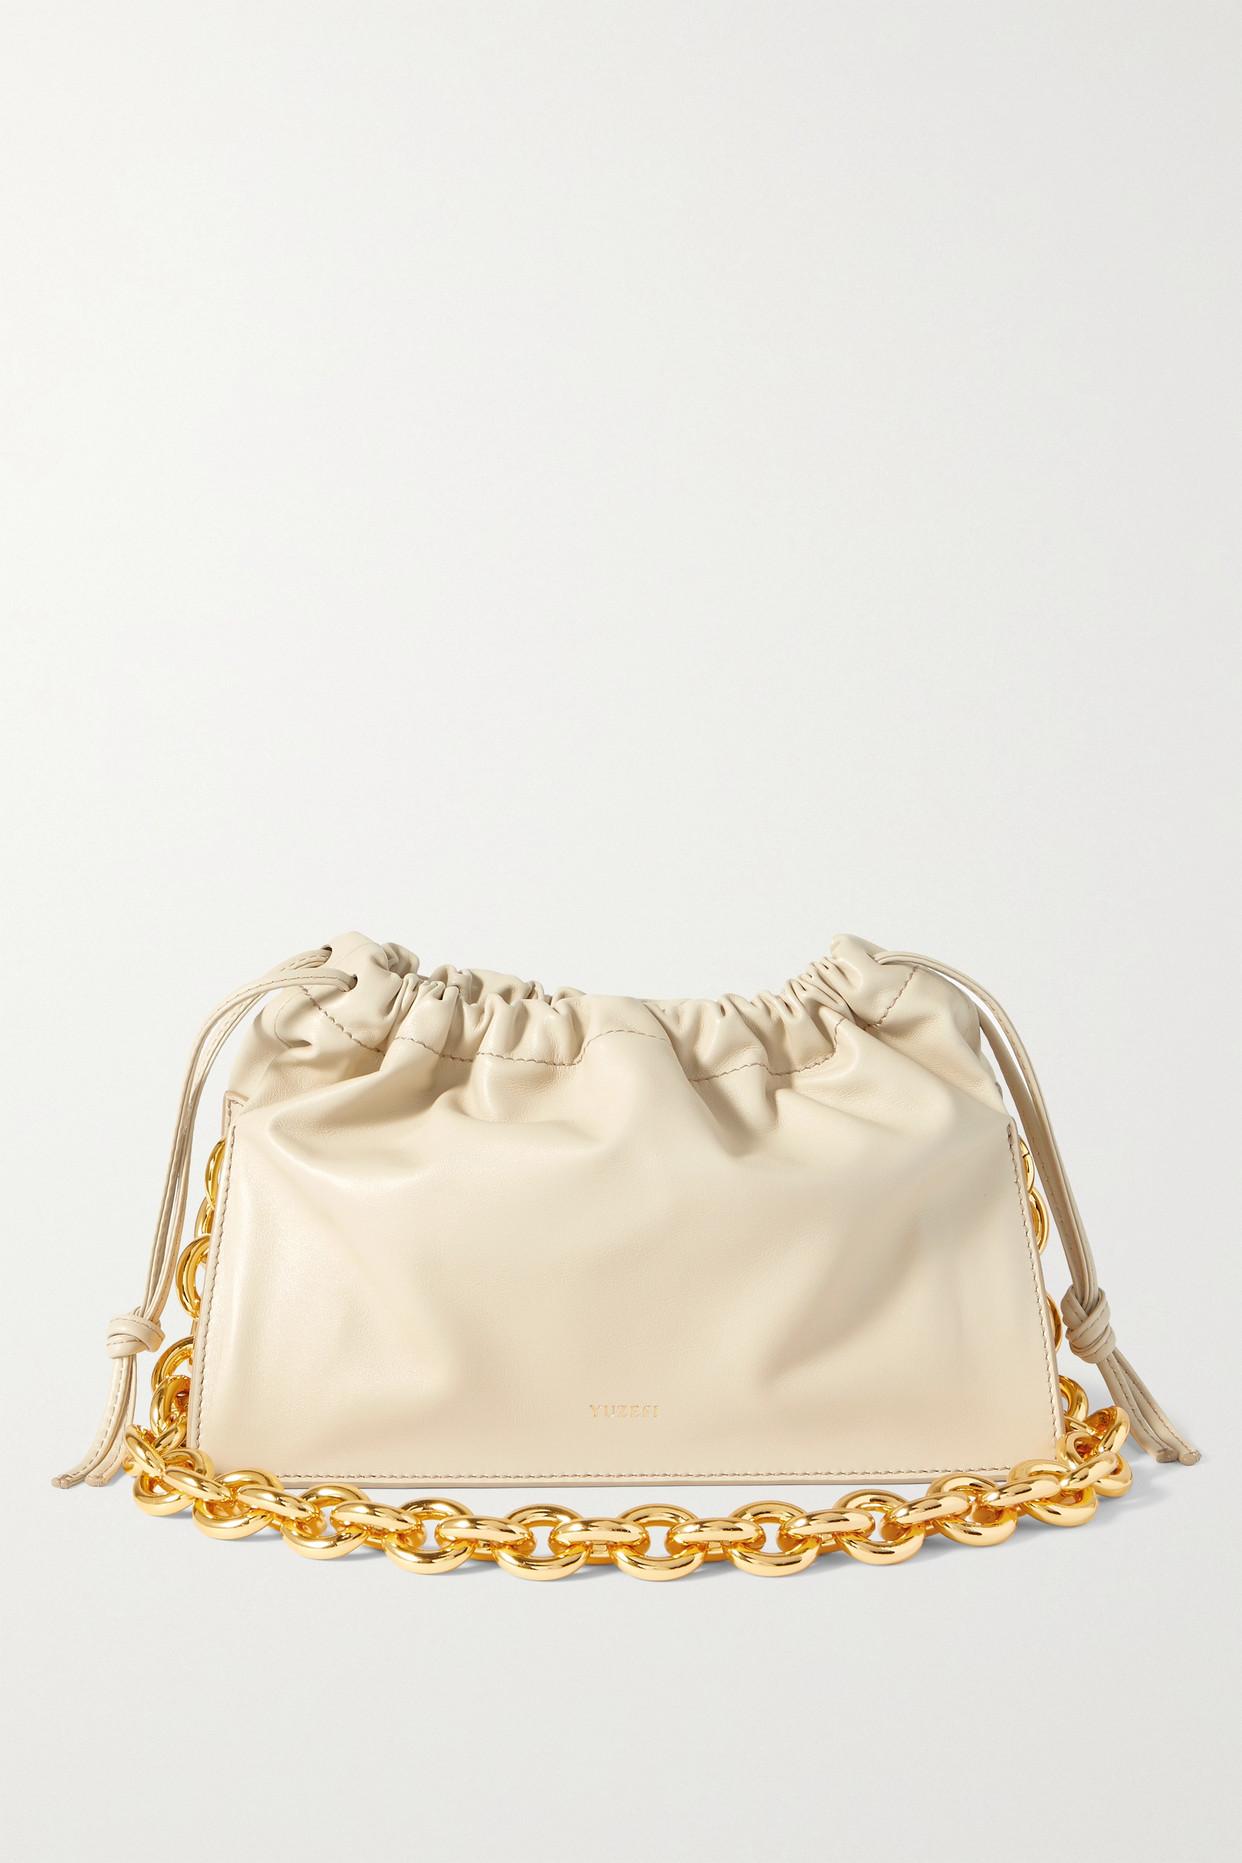 Yuzefi Bom Leather Shoulder Bag In Off-white